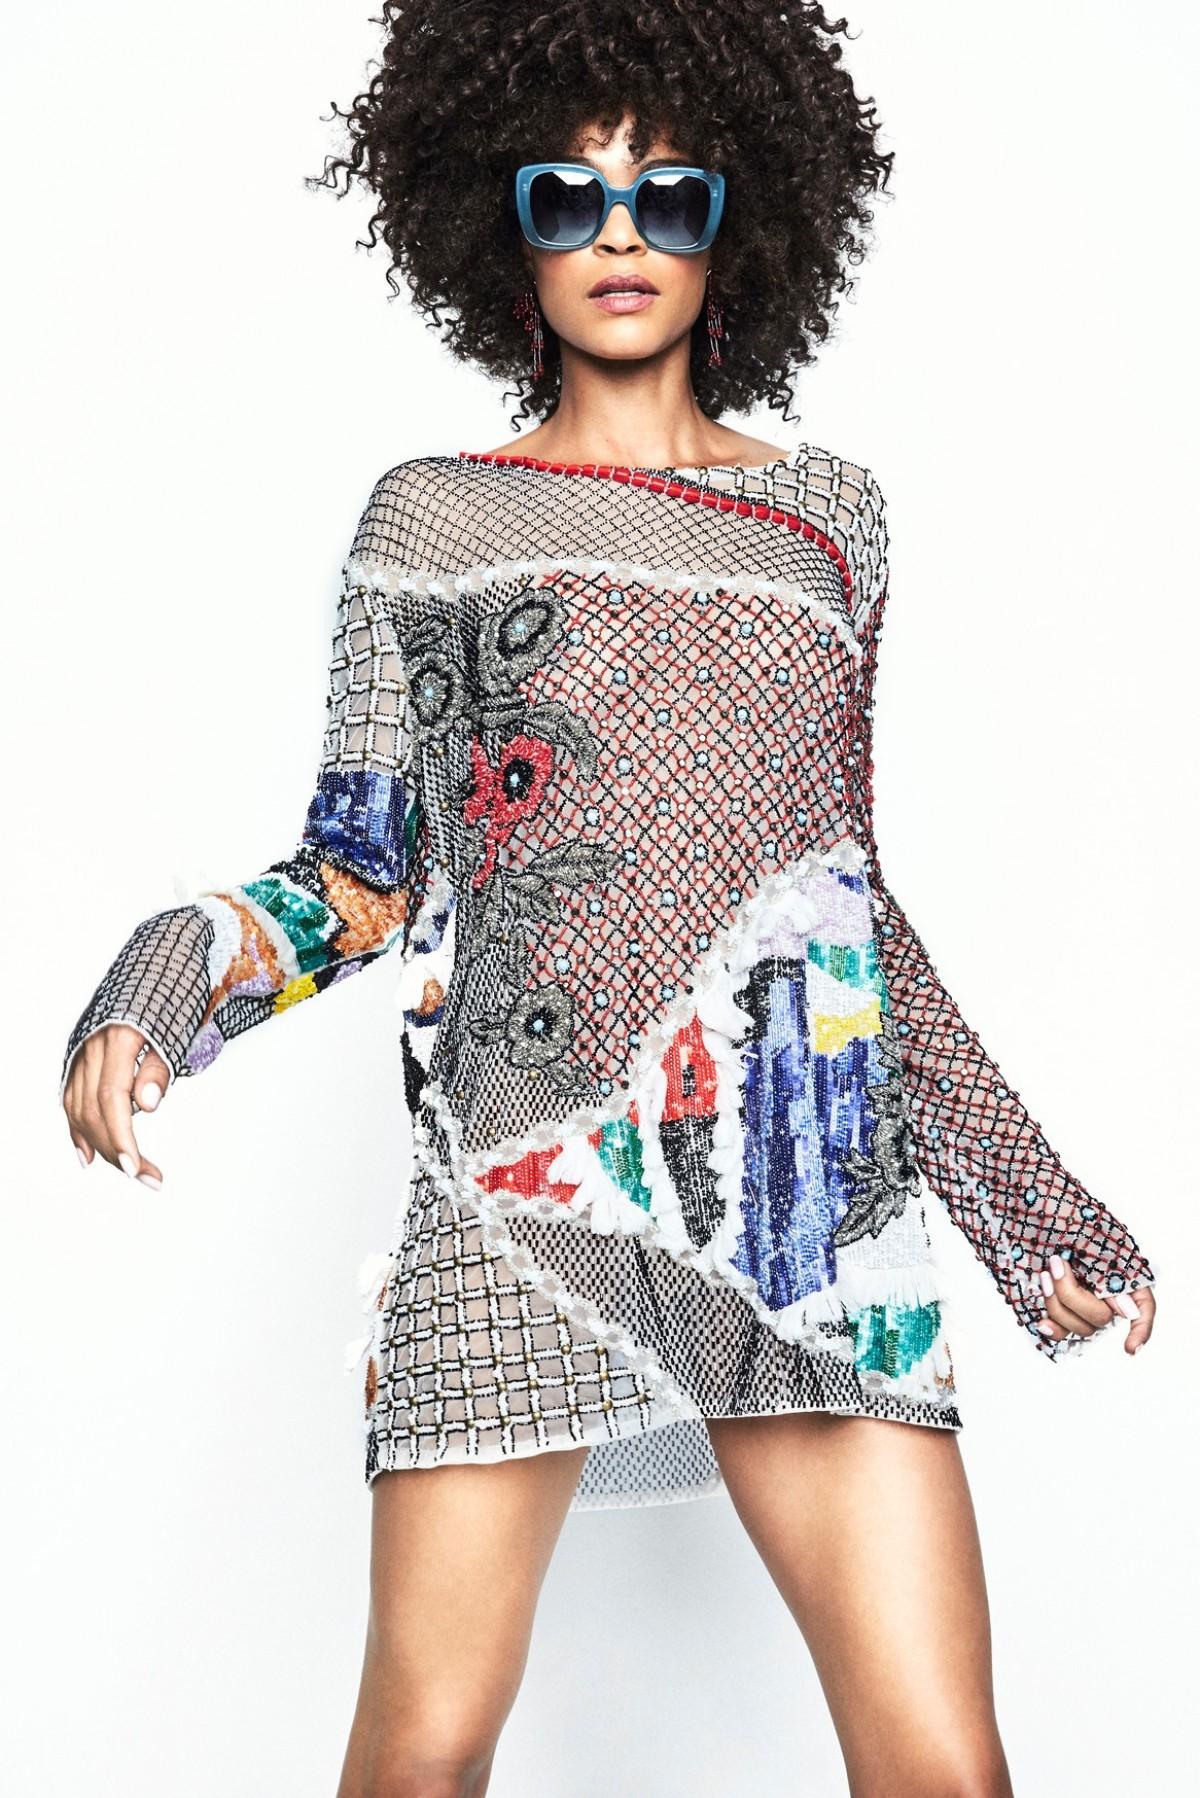 3d83eaa26068 Tete by Odette, moda exclusiva y artesanal de estilo étnico